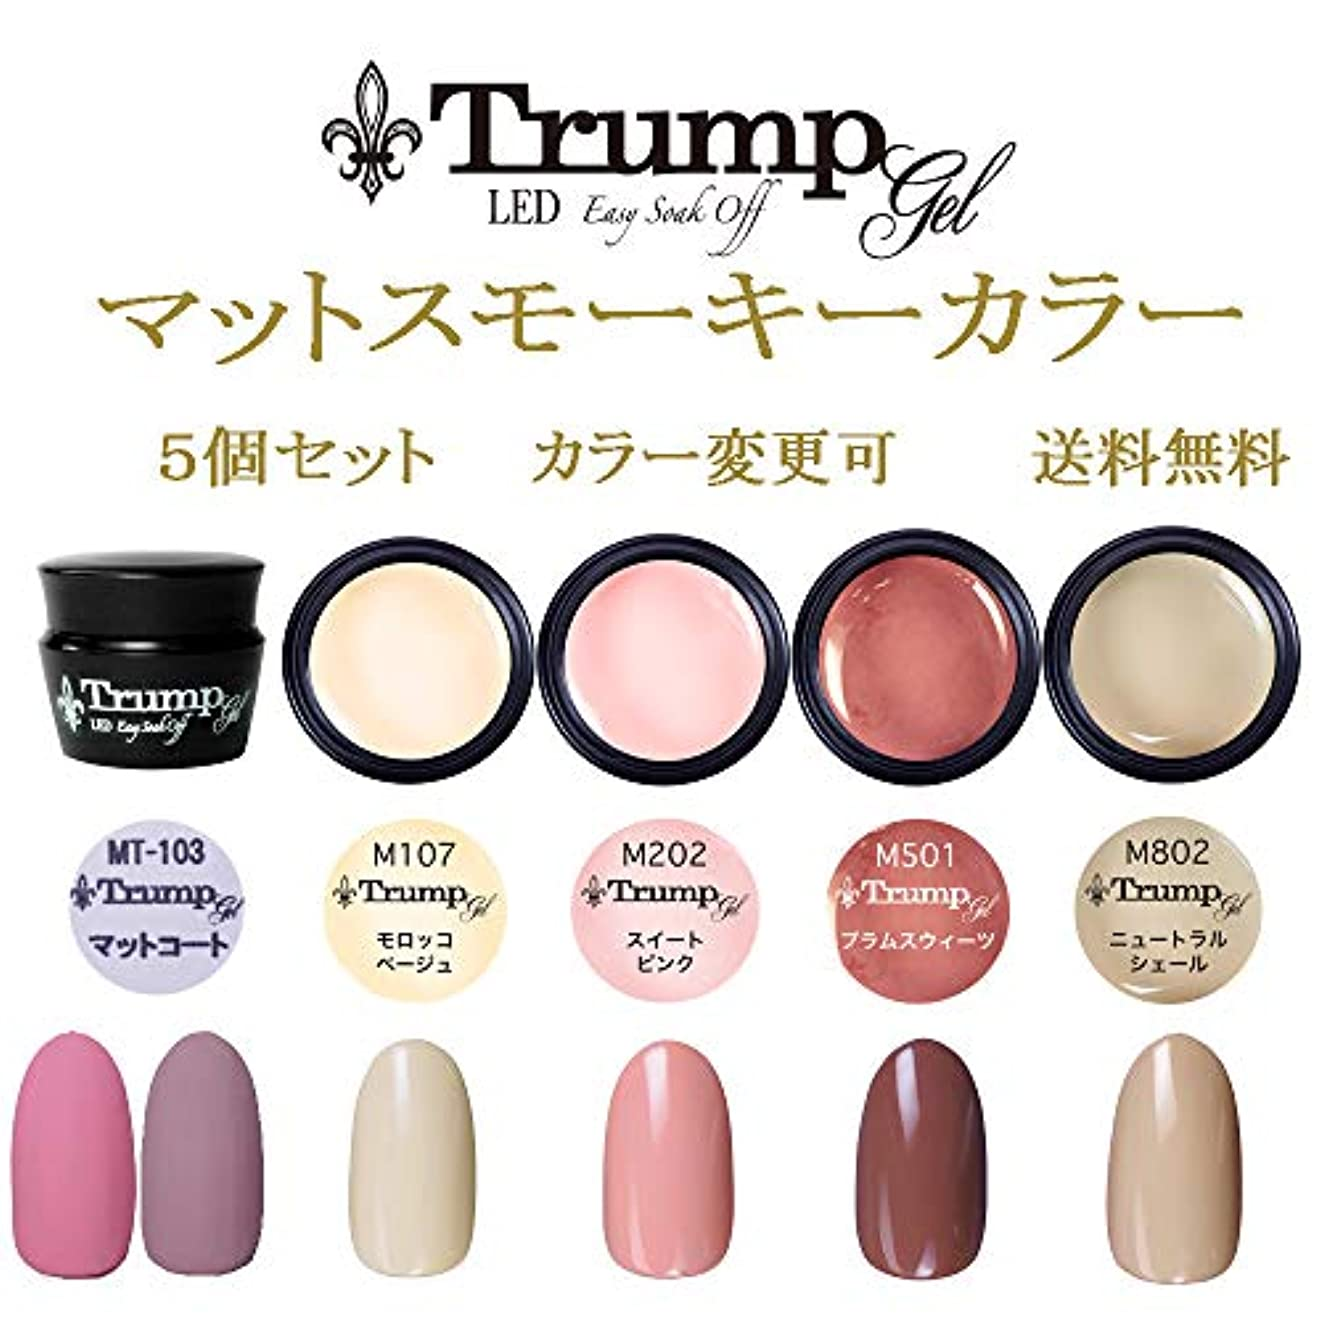 不信優越シニス【送料無料】日本製 Trump gel トランプジェル マットスモーキー カラージェル 5個セット 魅惑のフロストマットトップとマットに合う人気カラーをチョイス